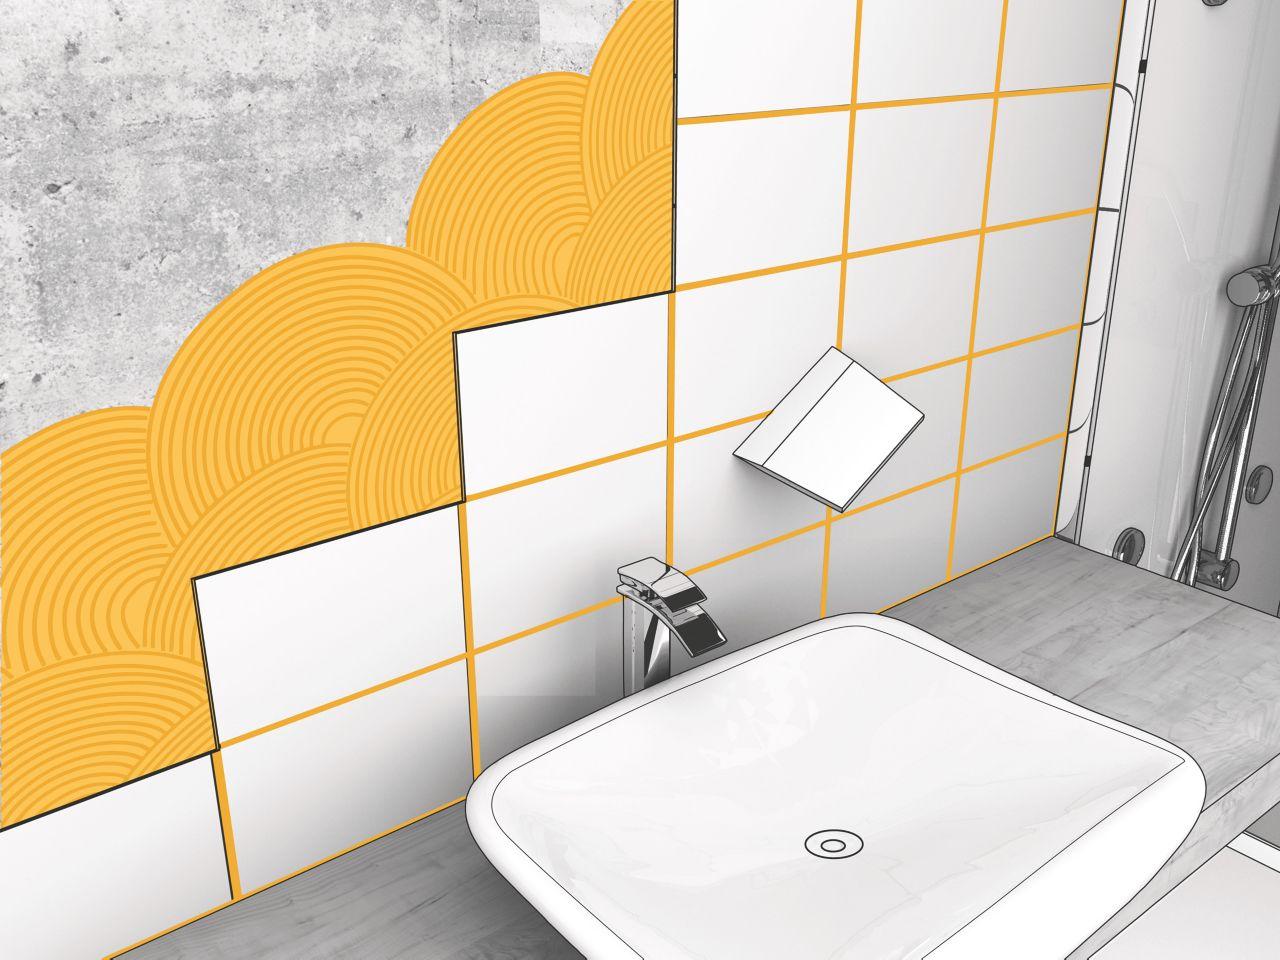 Sika Ceram胶凝瓷砖在浴室中的应用